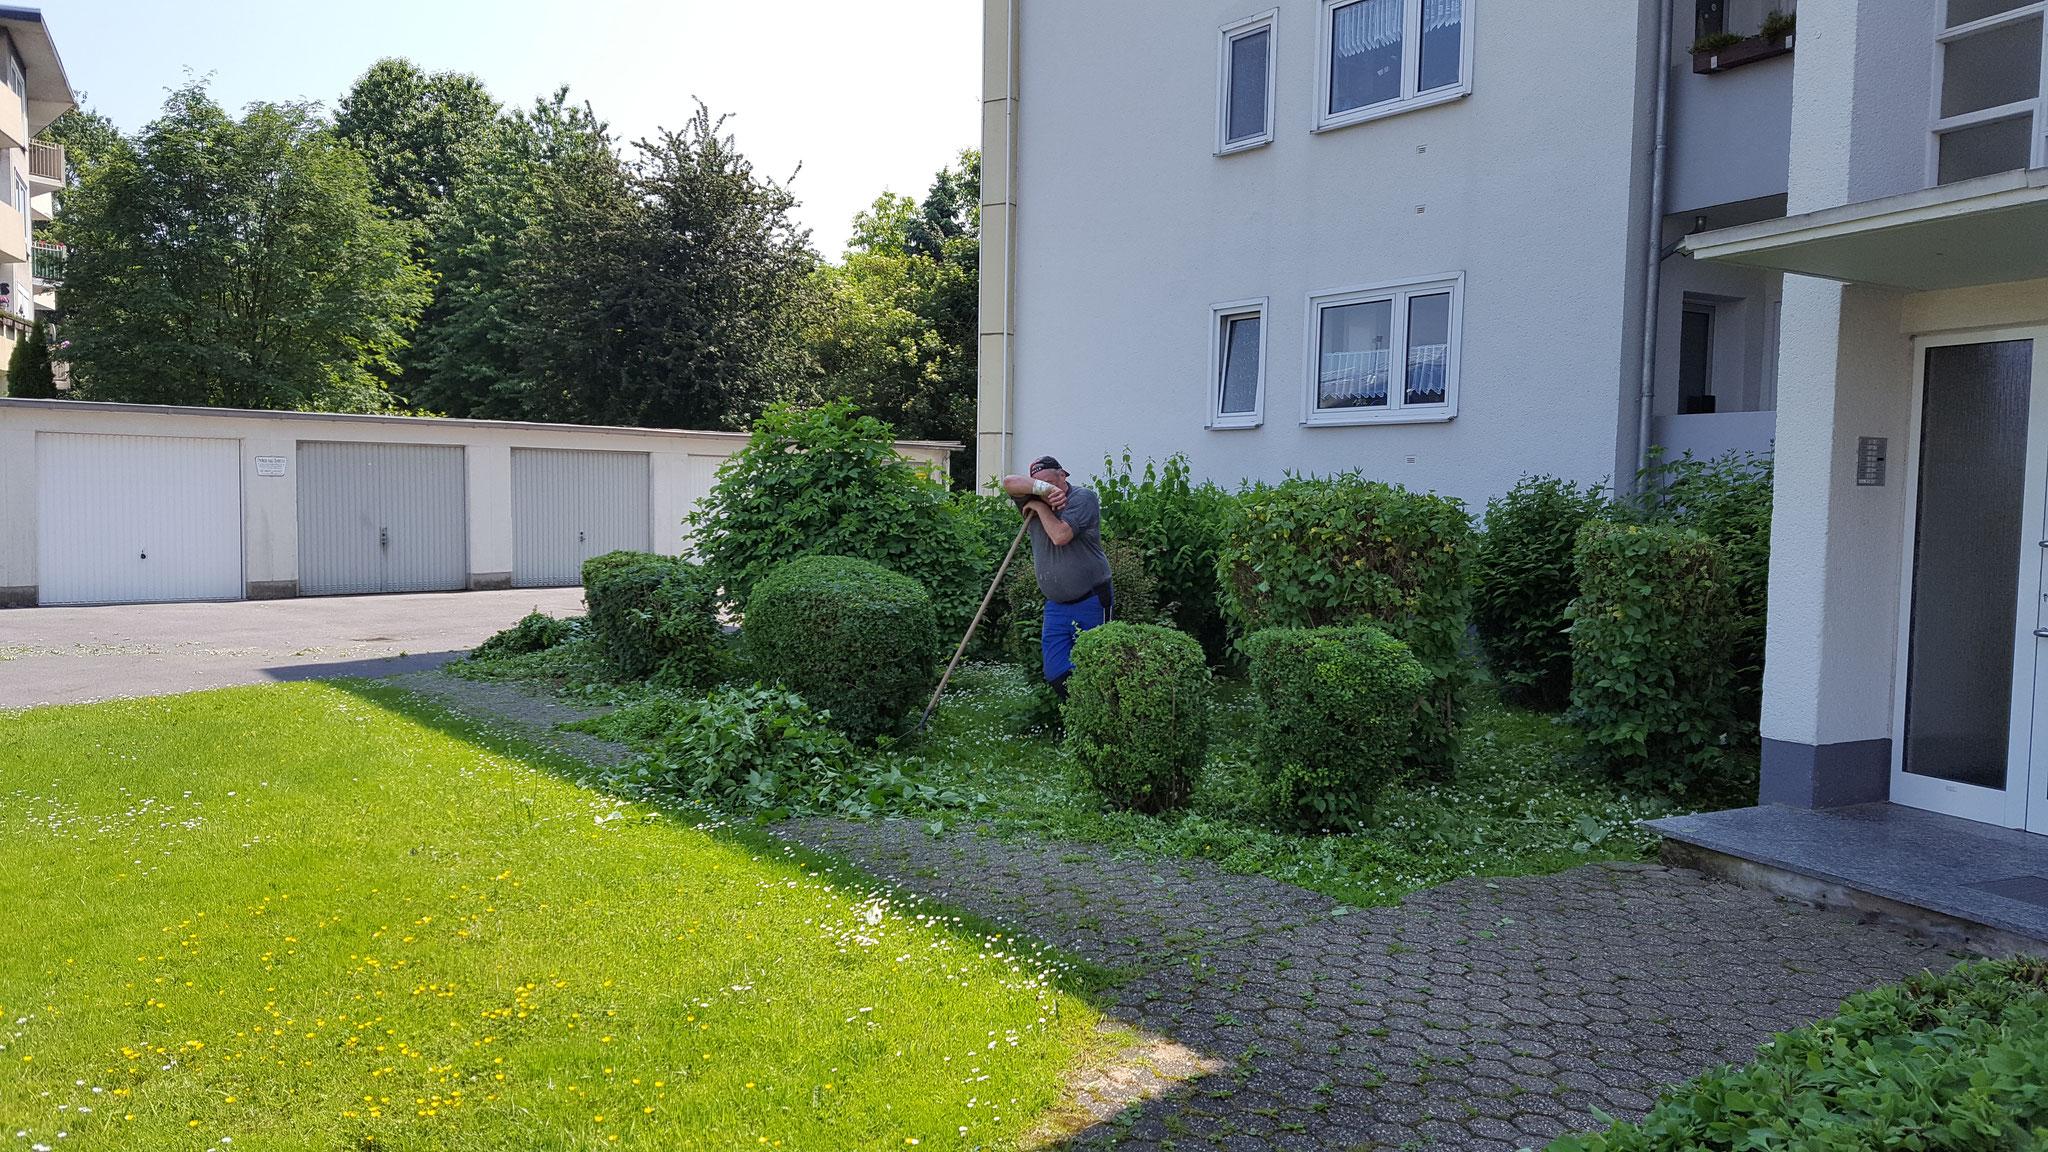 Gartenpflege Aachen schneidet die Sträucher im Auftrag einer Hausverwaltung